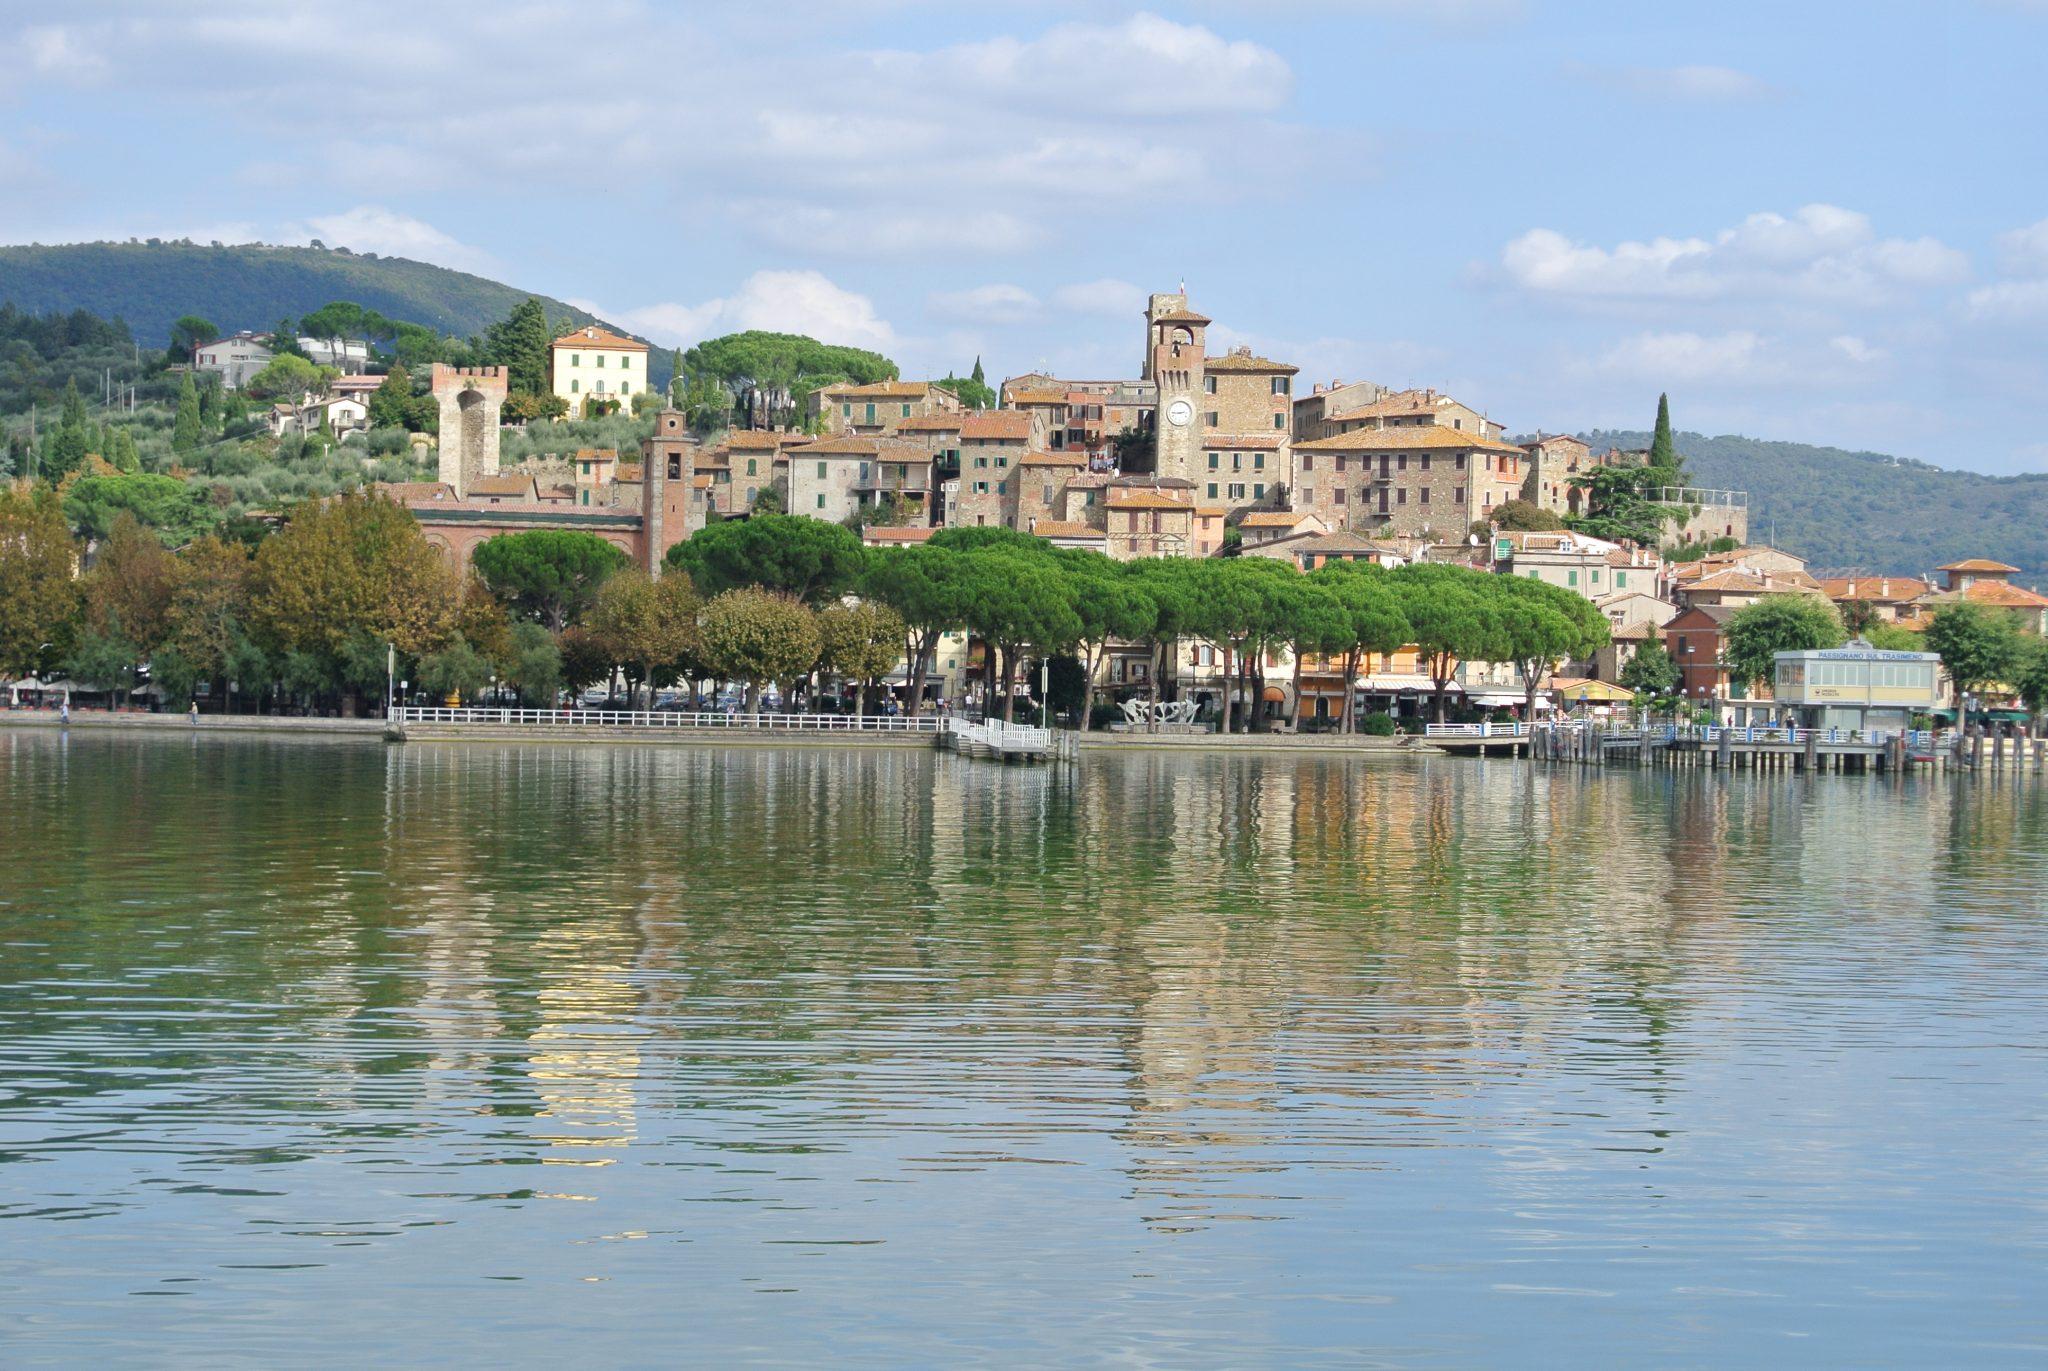 View of Passignano and Lake Trasimeno